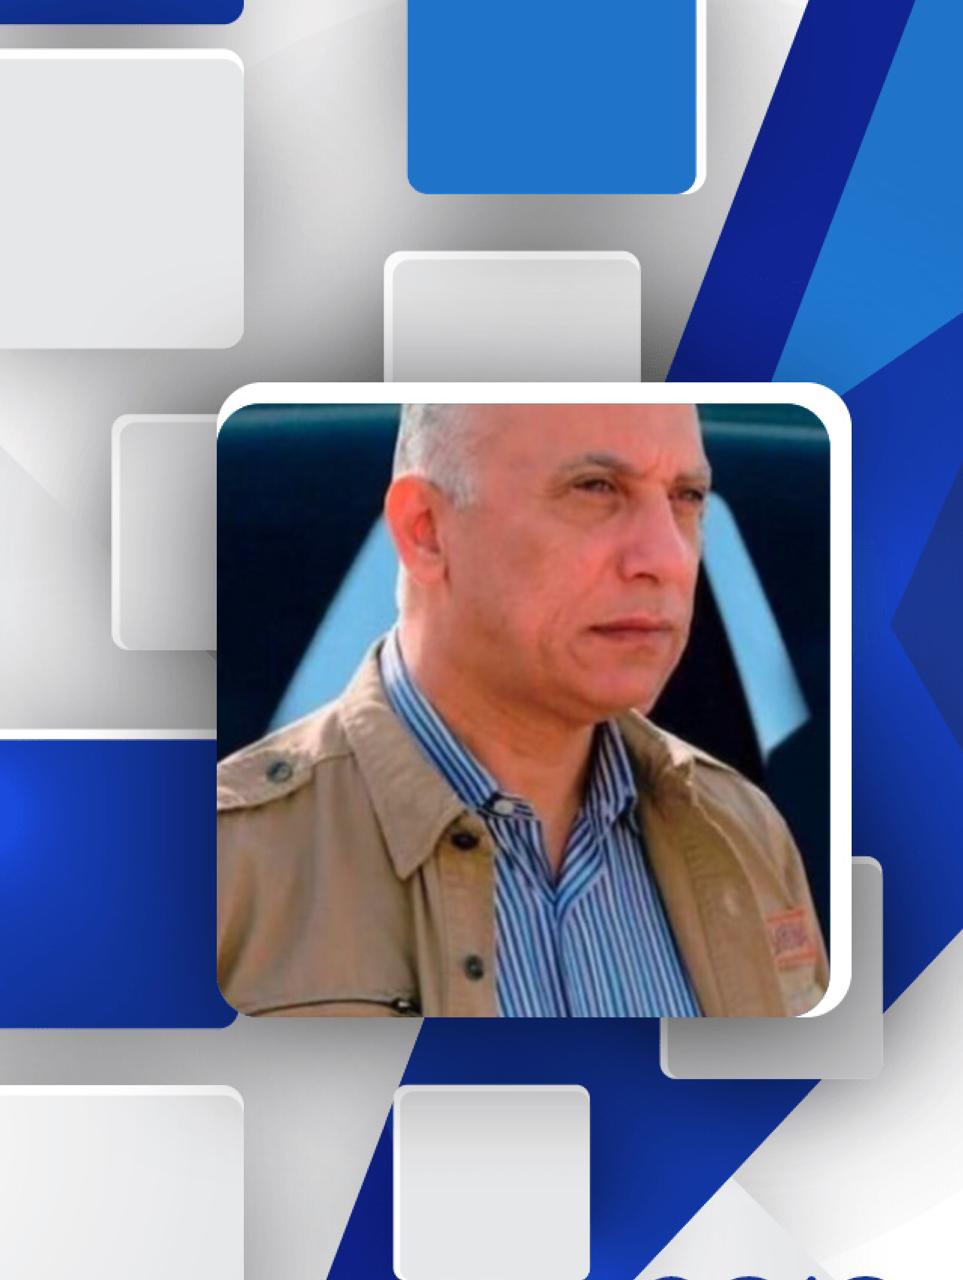 مصدر لـ( وكالة المدى نيوز )  :   الخميس سيتم تكليف الكاظمي بحضور القوى السياسية ( الشيعية والسنية والكردية) كافة